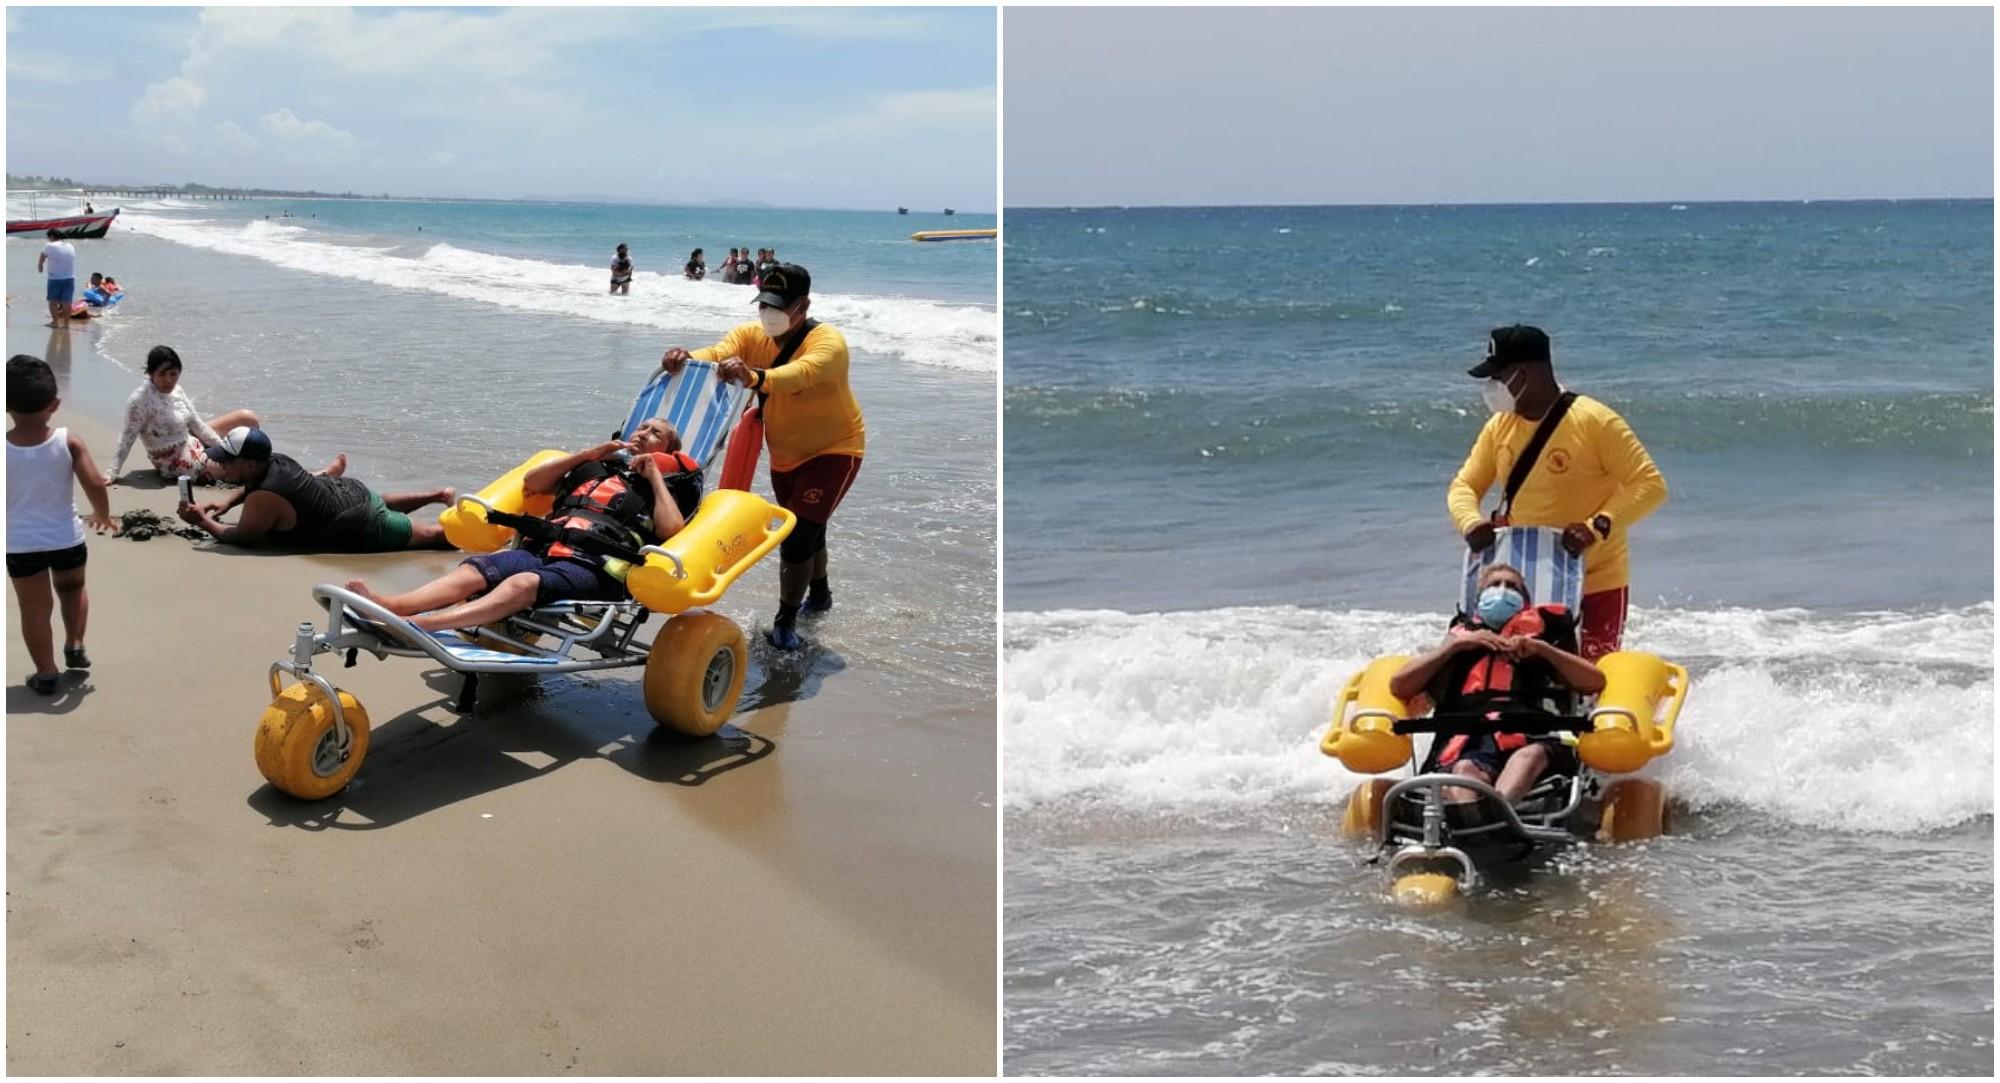 Bomberos cumplen el sueño de un hondureño de meterse al mar